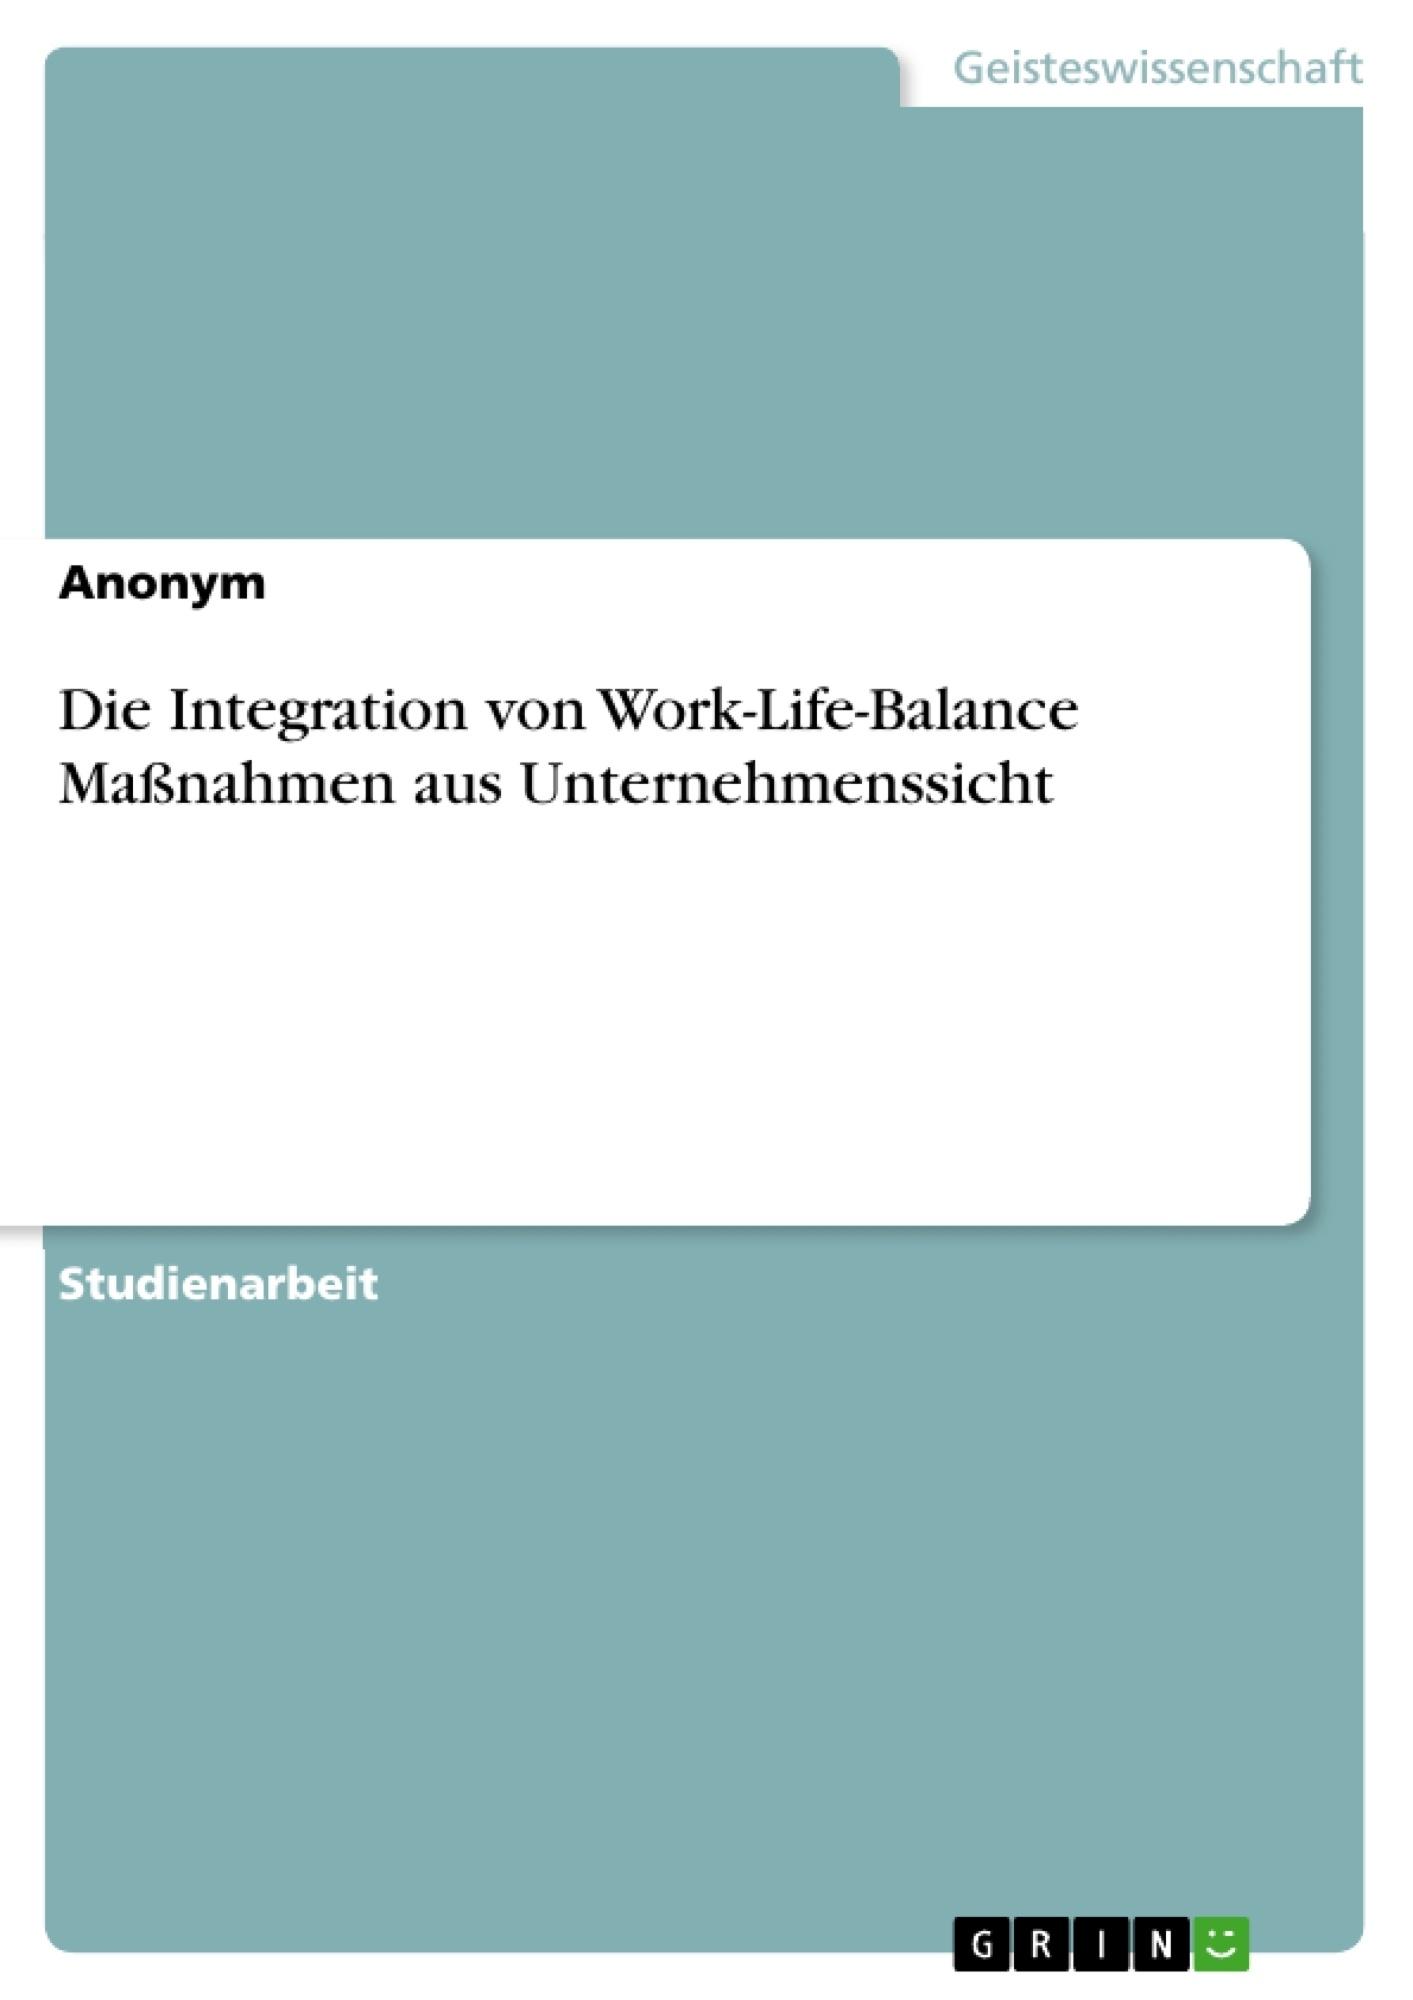 Titel: Die Integration von Work-Life-Balance Maßnahmen aus Unternehmenssicht